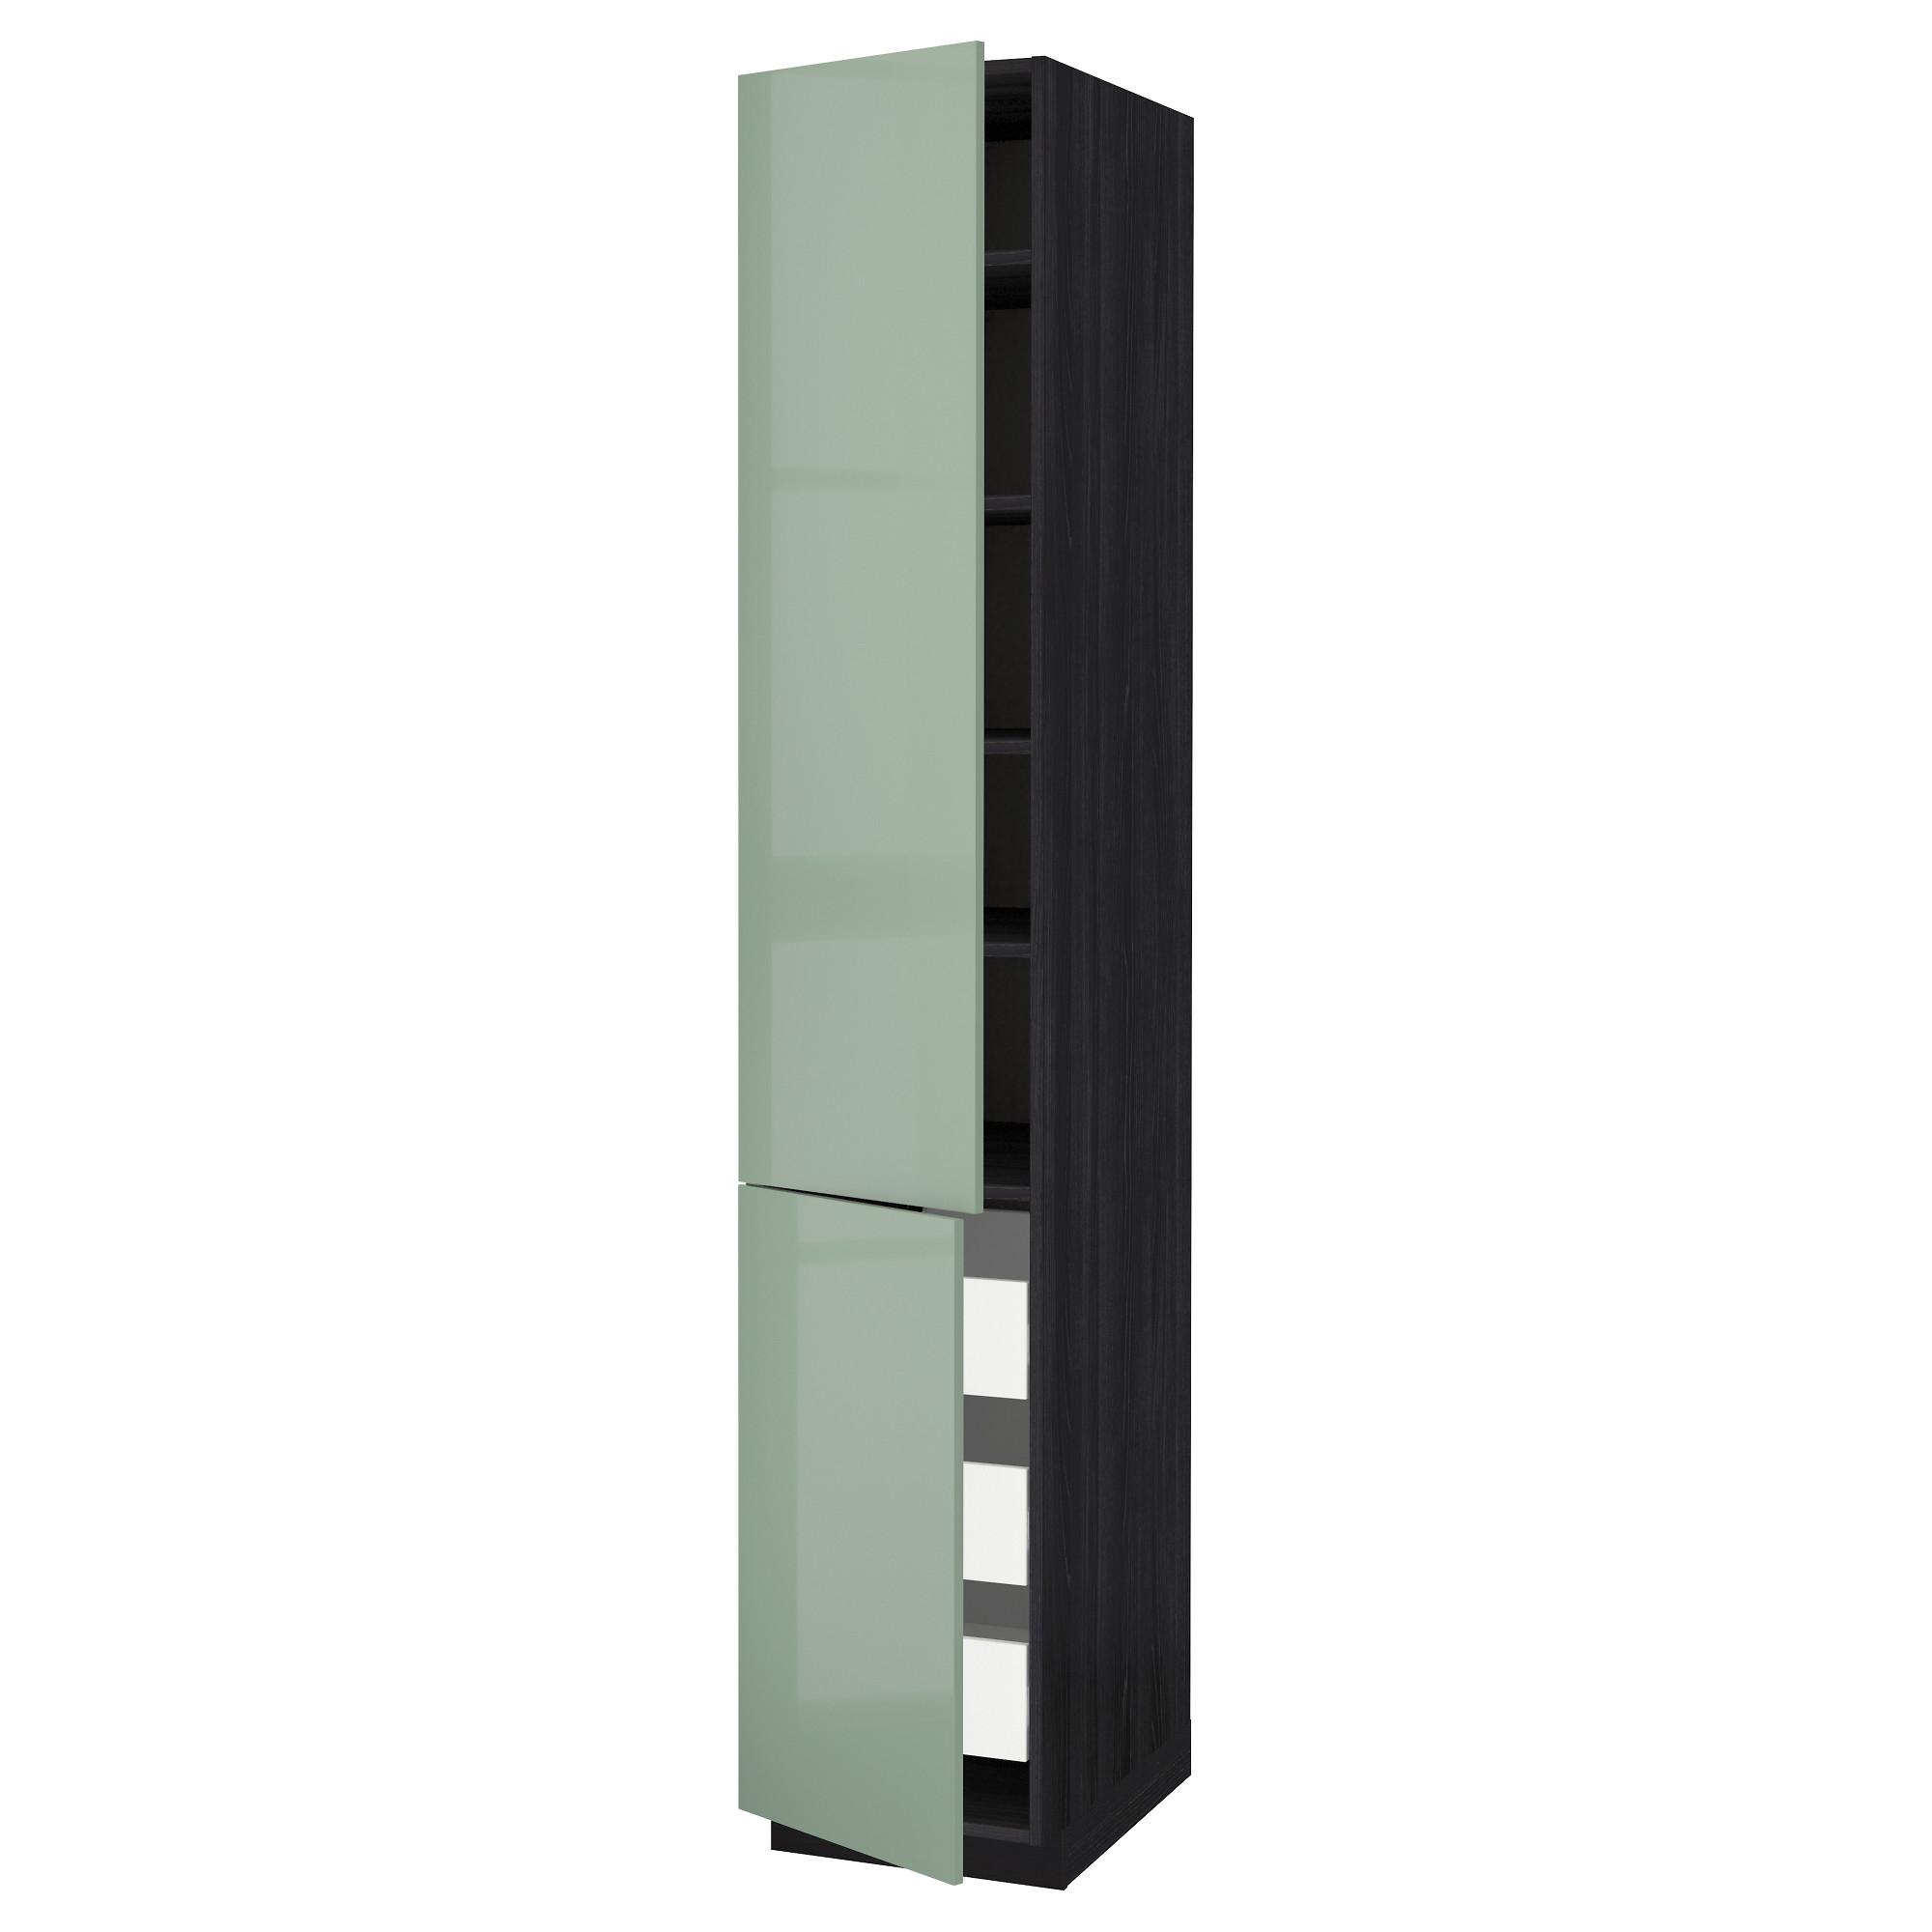 Высокий шкаф + полки, 3 ящика, 2 дверцы МЕТОД / ФОРВАРА черный артикуль № 792.657.85 в наличии. Интернет каталог IKEA Беларусь. Быстрая доставка и установка.